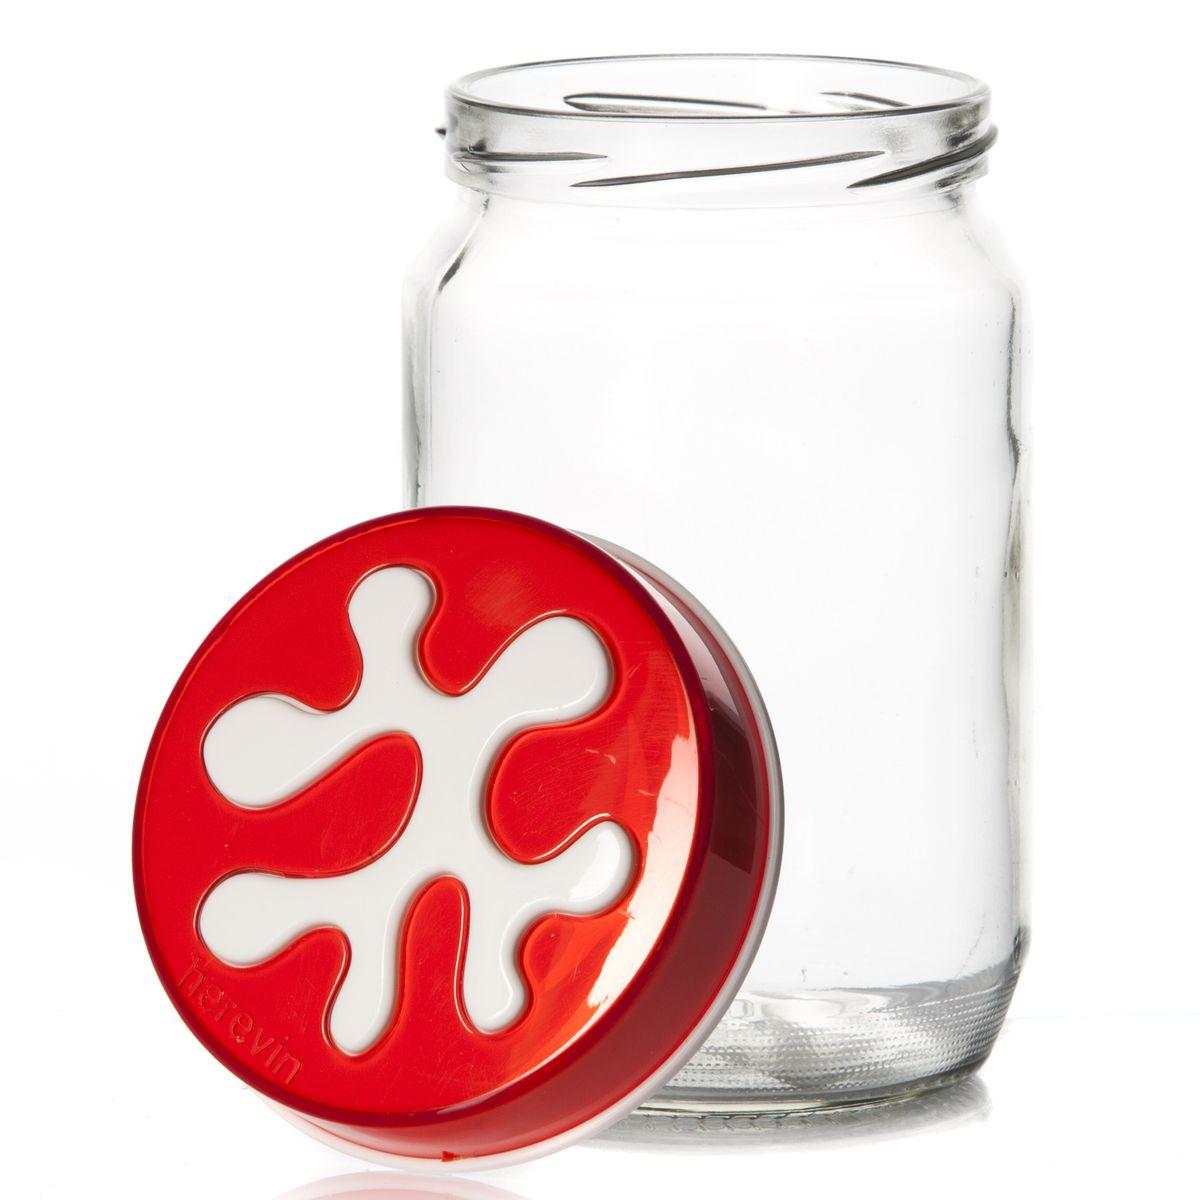 Банка для сыпучих продуктов Herevin, цвет: красный, 720 мл. 135367-007135367-007Банка для сыпучих продуктов Herevin изготовлена из прочного стекла и оснащена плотно закрывающейся пластиковой крышкой. Благодаря этому внутри сохраняется герметичность, и продукты дольше остаются свежими. Изделие предназначено для хранения различных сыпучих продуктов: круп, чая, сахара, орехов и т.д. Функциональная и вместительная, такая банка станет незаменимым аксессуаром на любой кухне. Можно мыть в посудомоечной машине. Пластиковые части рекомендуется мыть вручную. Объем: 720 мл. Диаметр (по верхнему краю): 7,5 см. Высота банки (без учета крышки): 14 см.